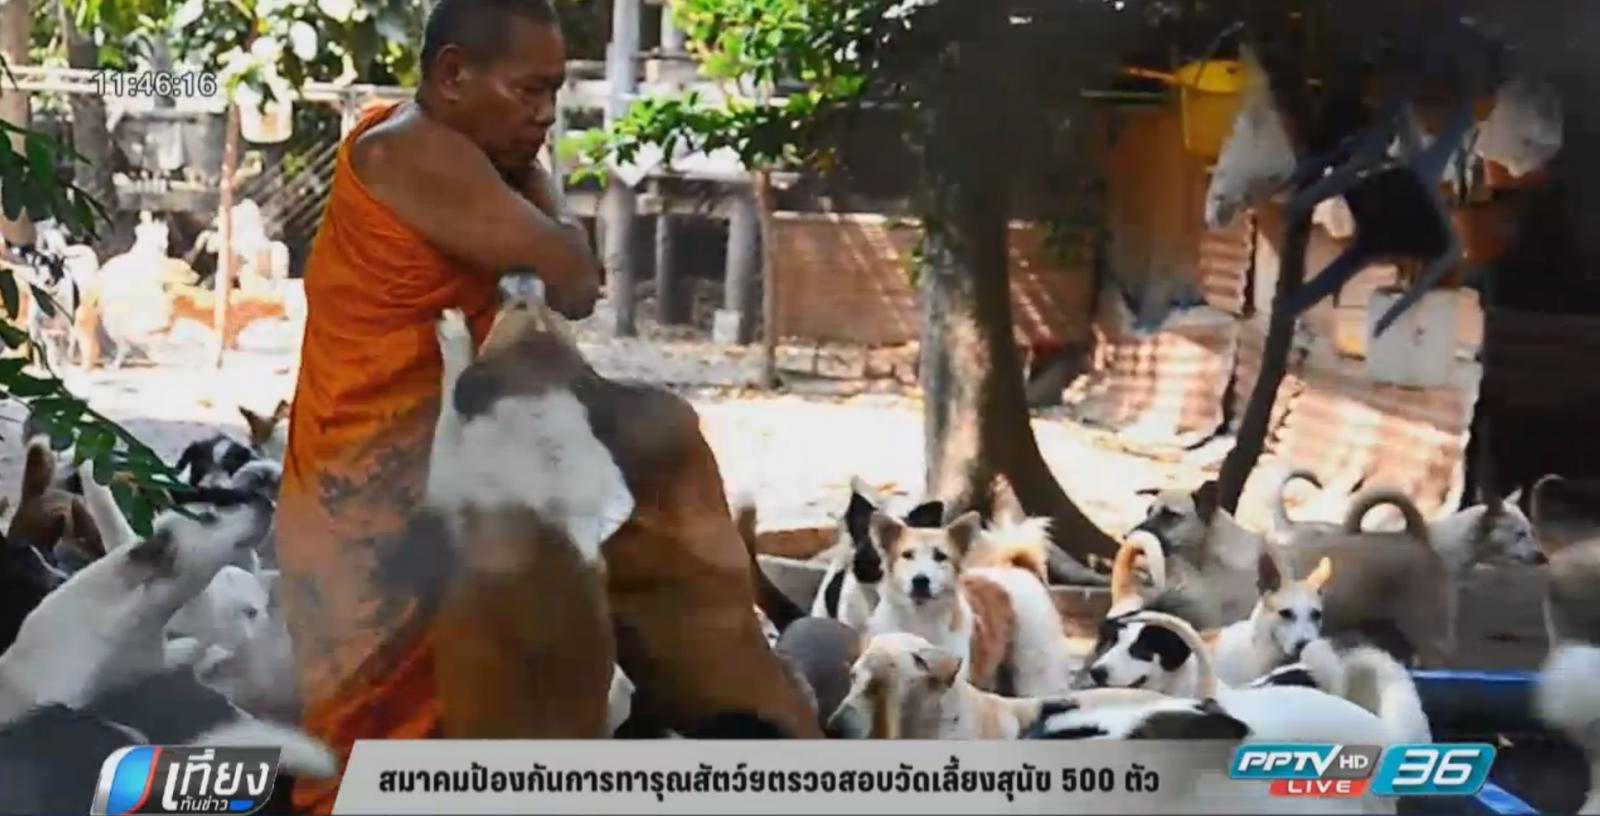 สมาคมป้องกันการทารุณสัตว์ฯ ตรวจสอบวัดเลี้ยงหมา 500  ตัว